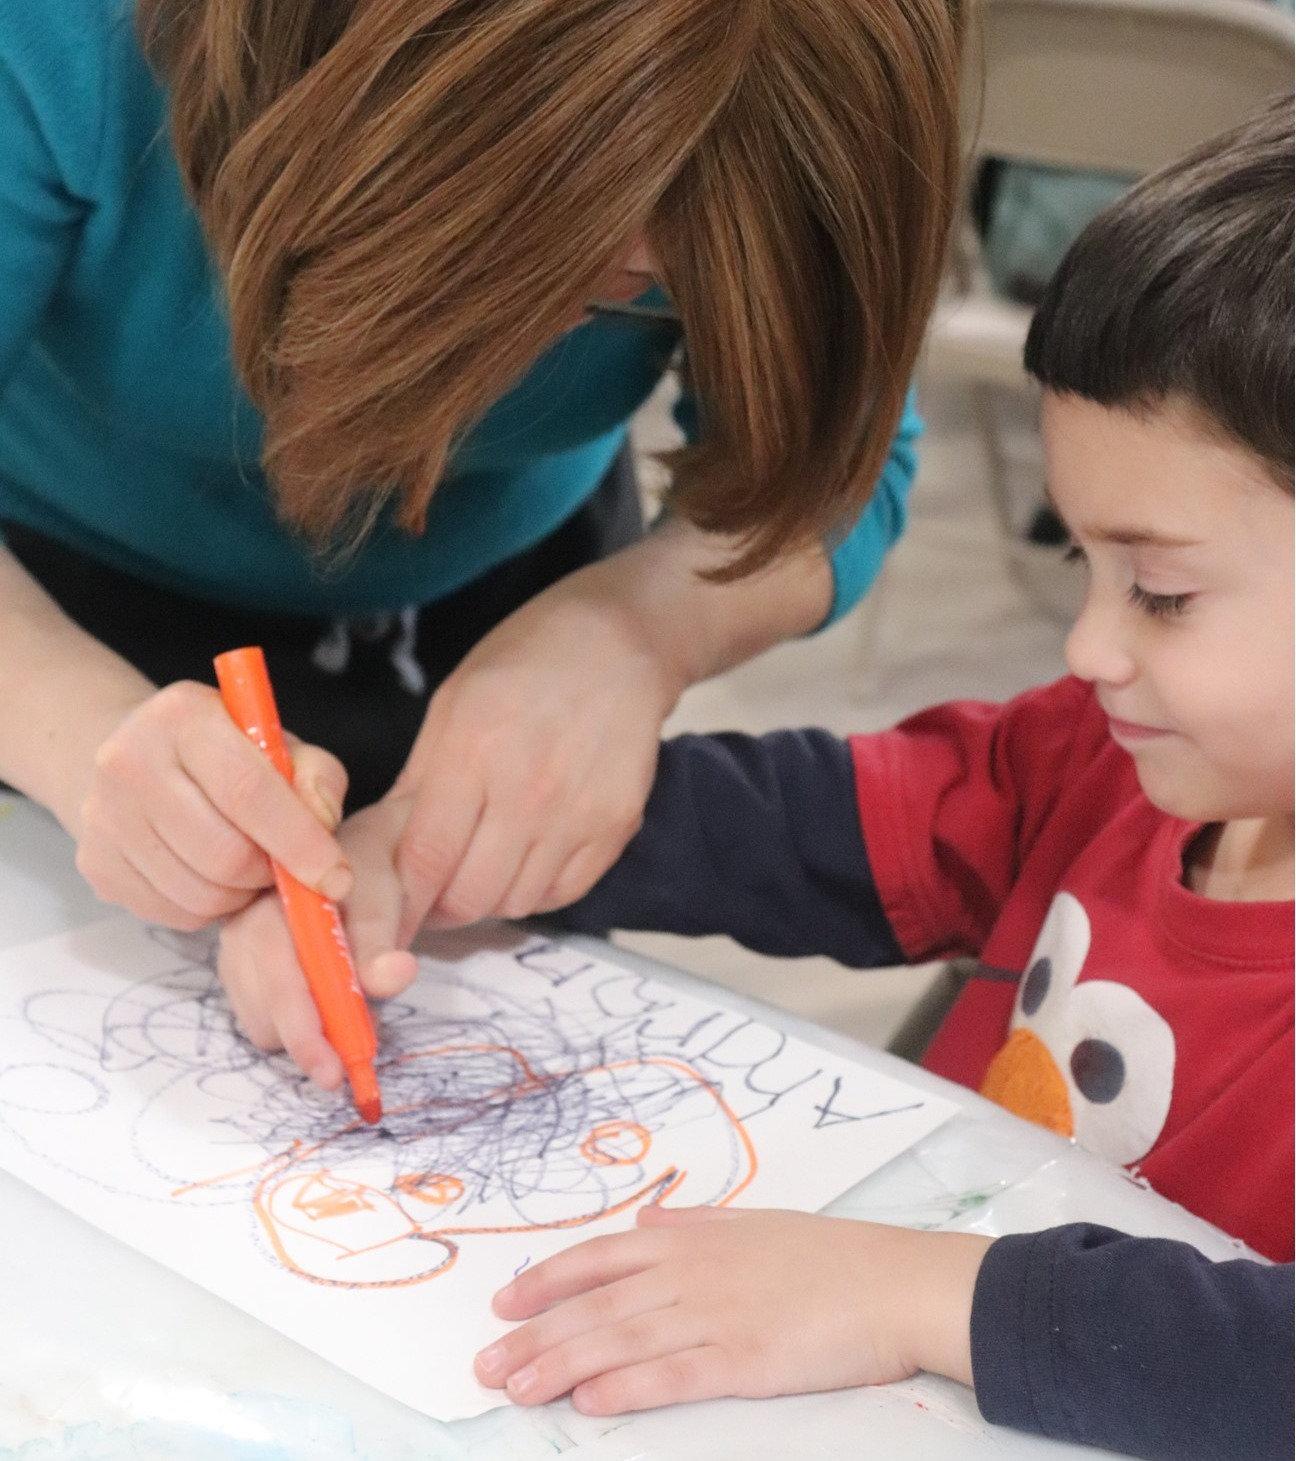 Preschoolers, 8 classes, ages 4-5